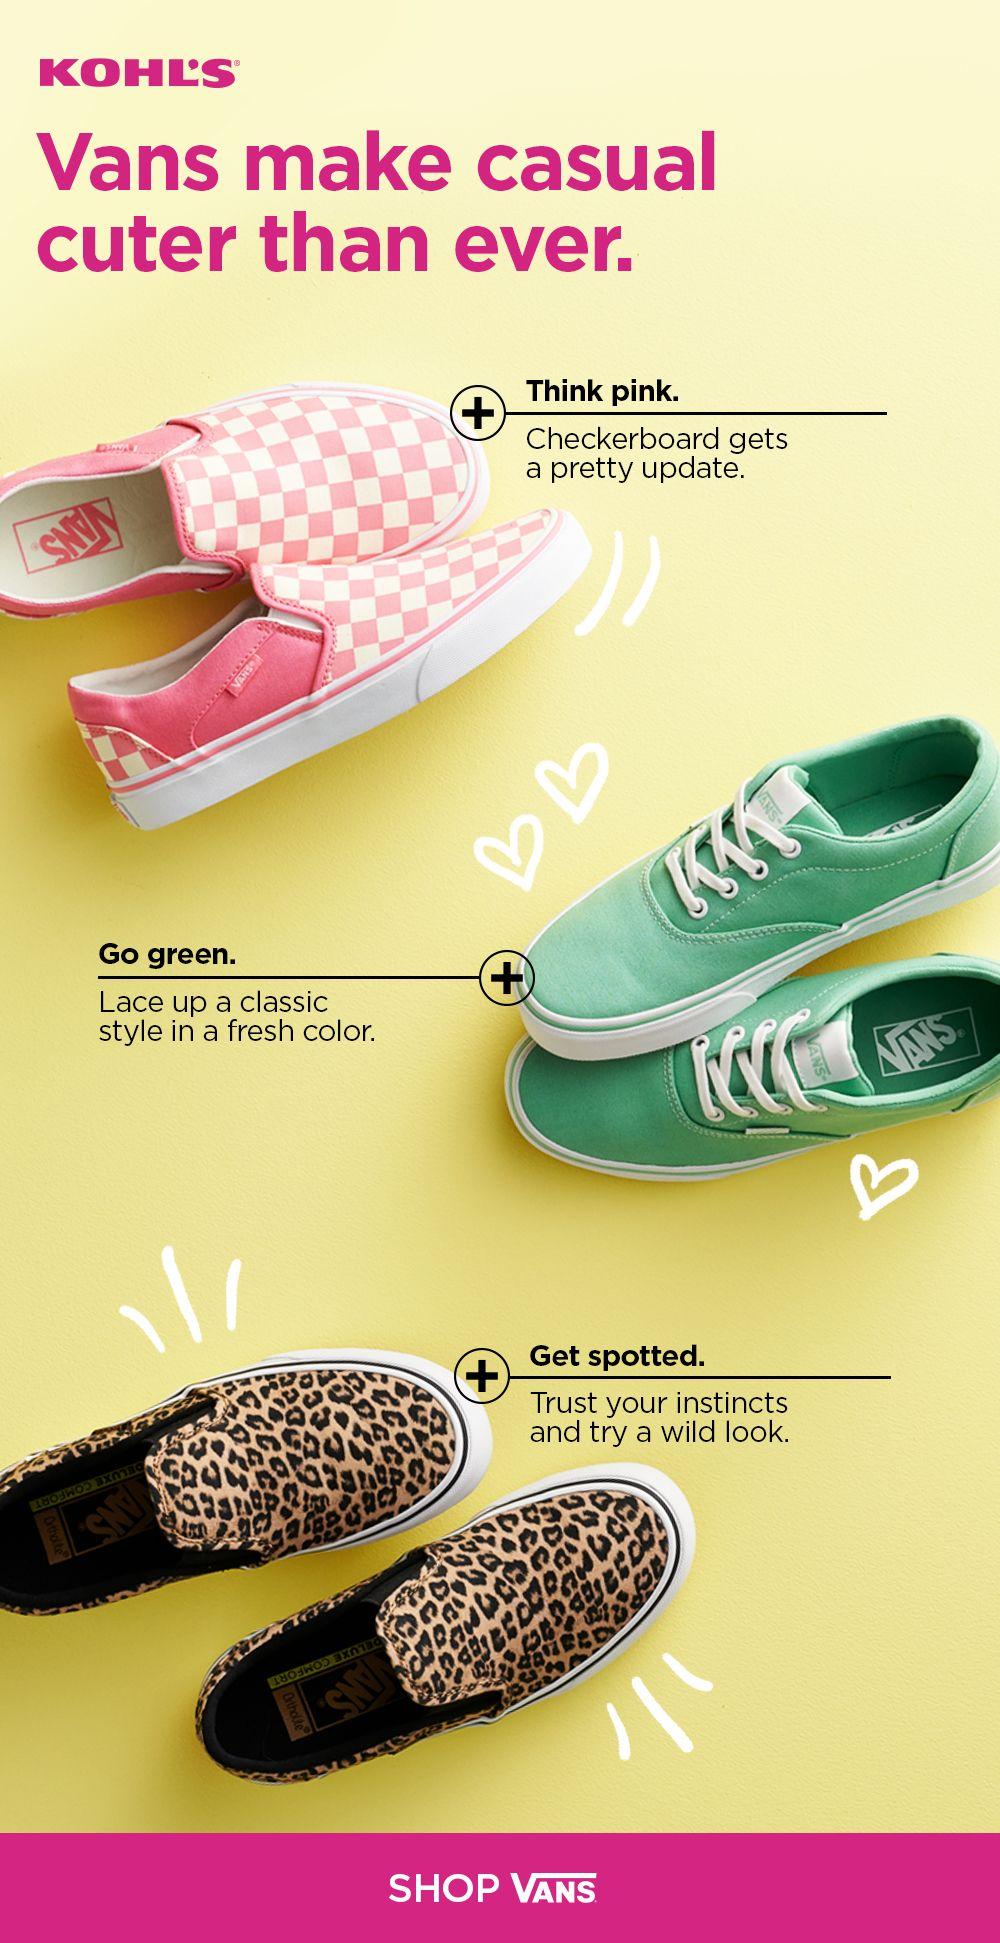 Shop now at Kohls.com | Casual shoes